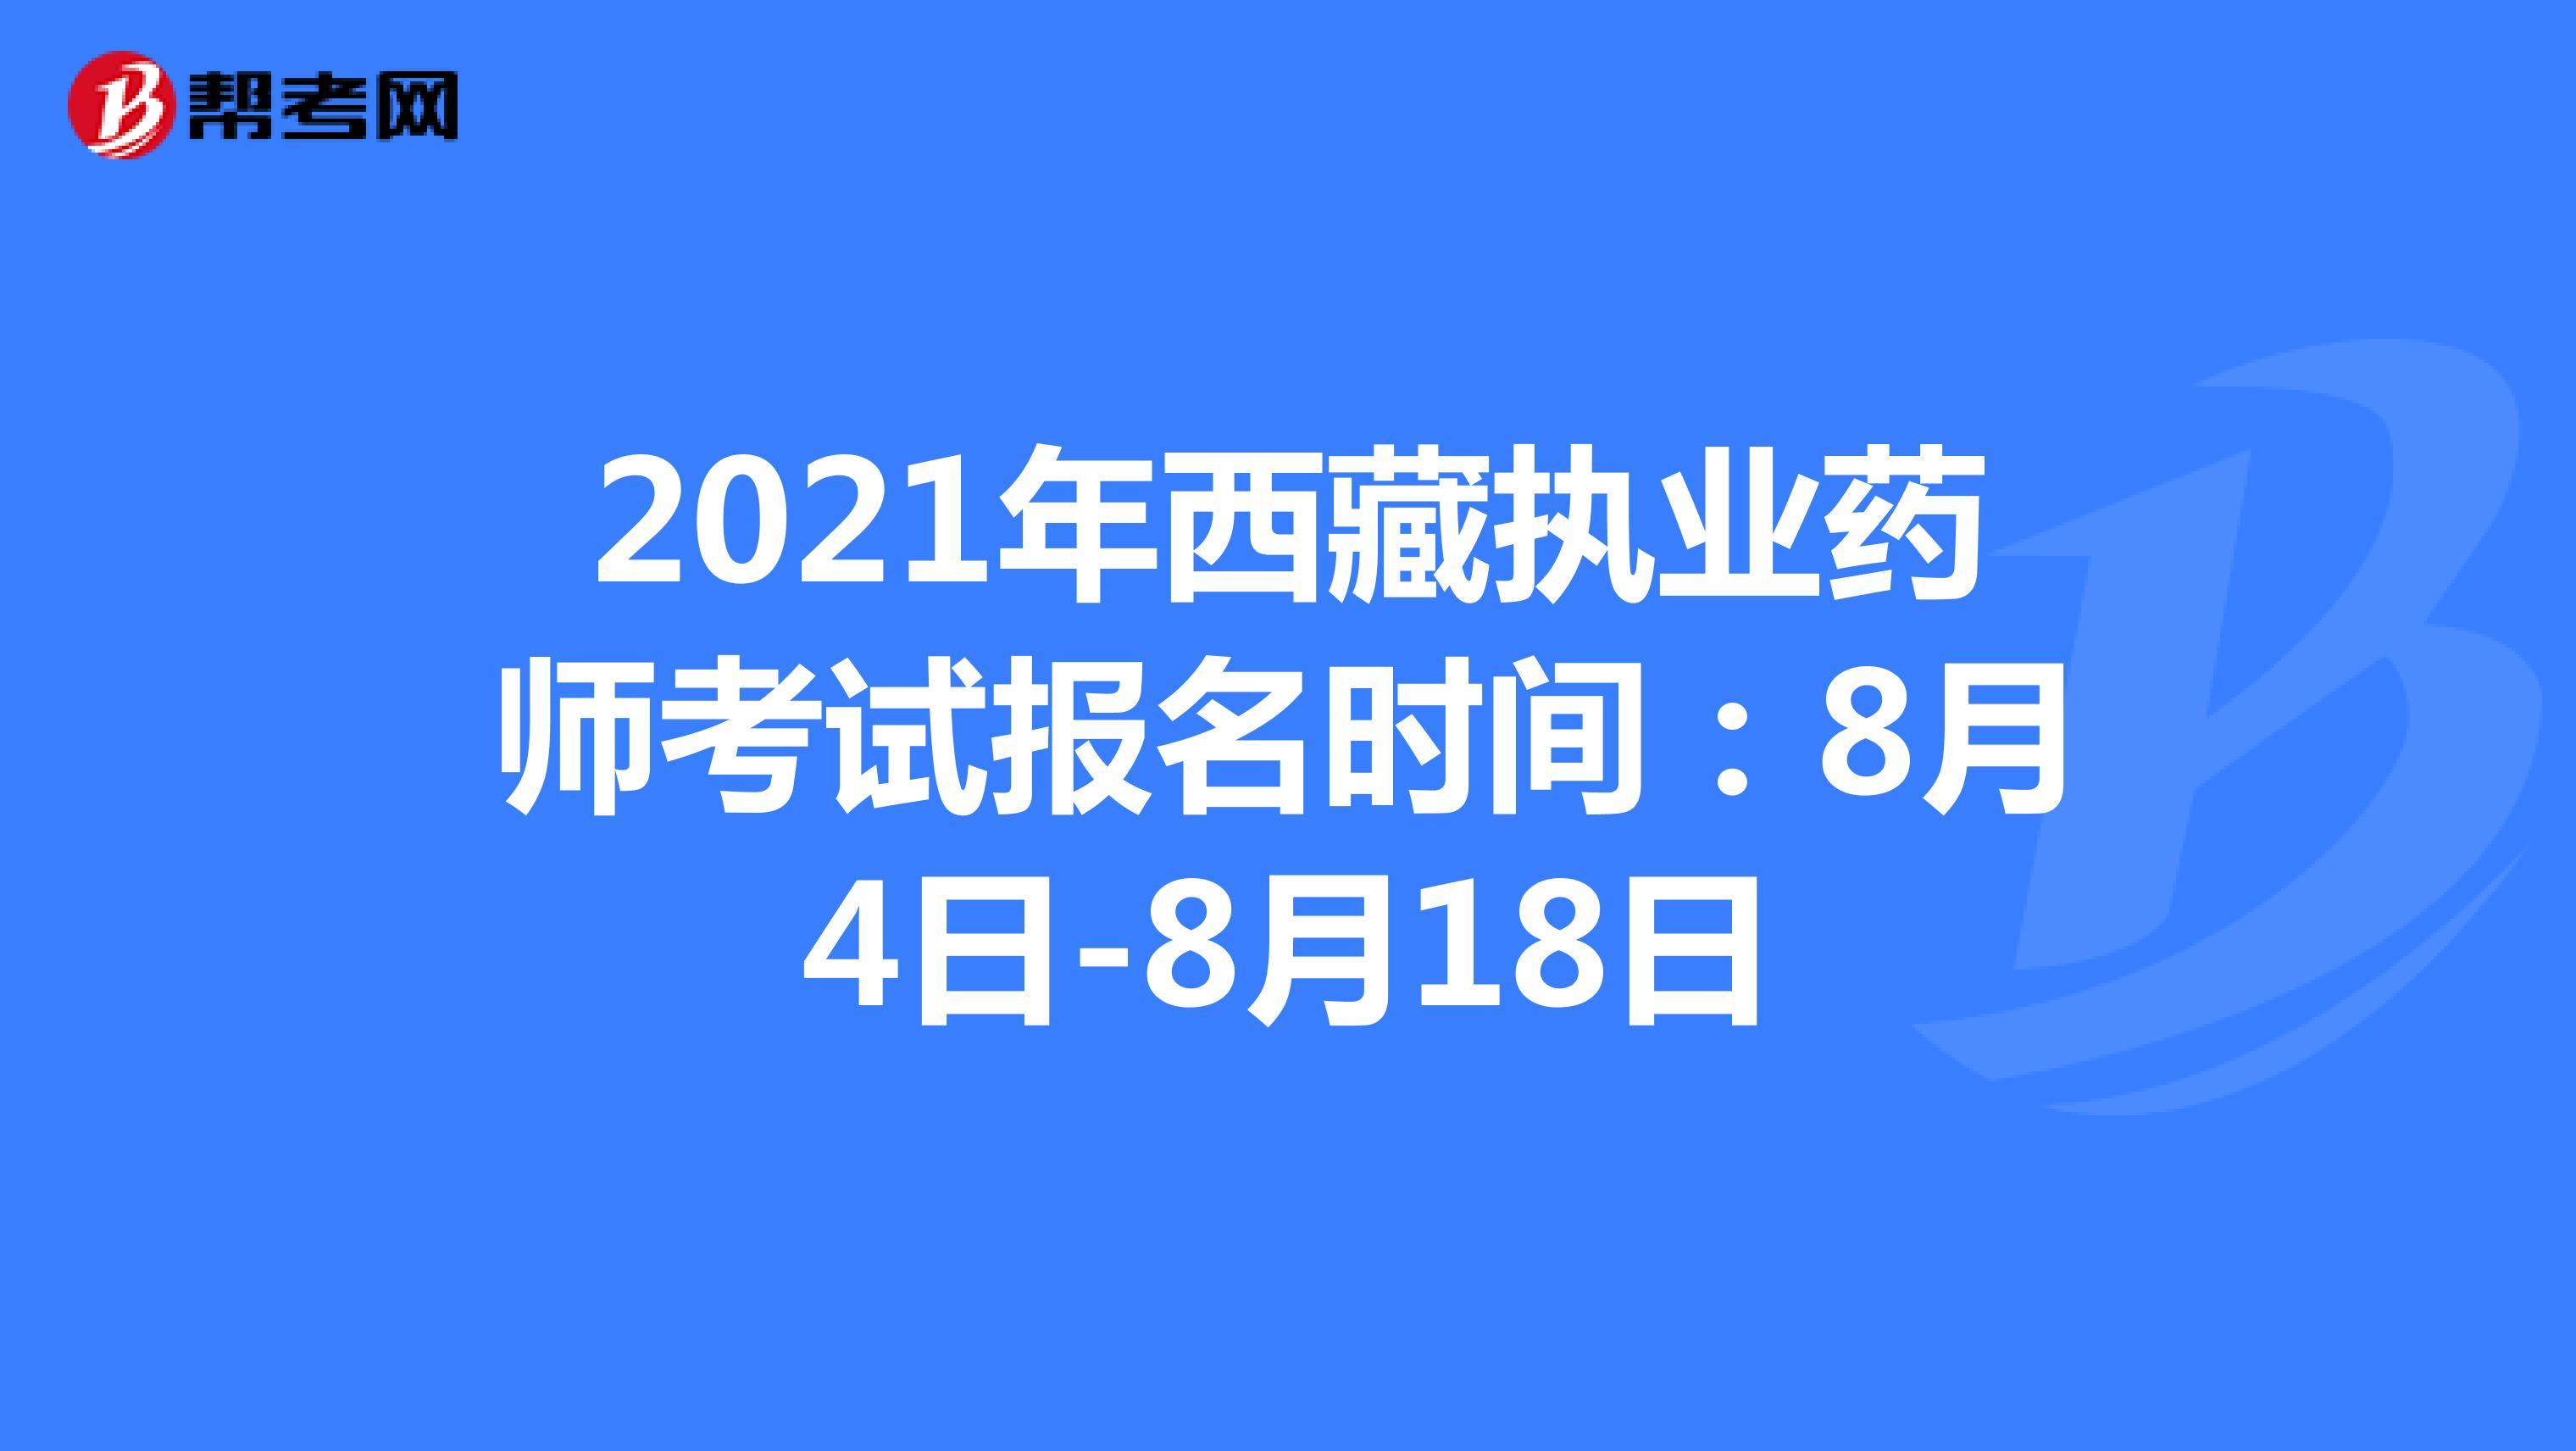 2021年西藏执业药师考试报名时间:8月4日-8月18日